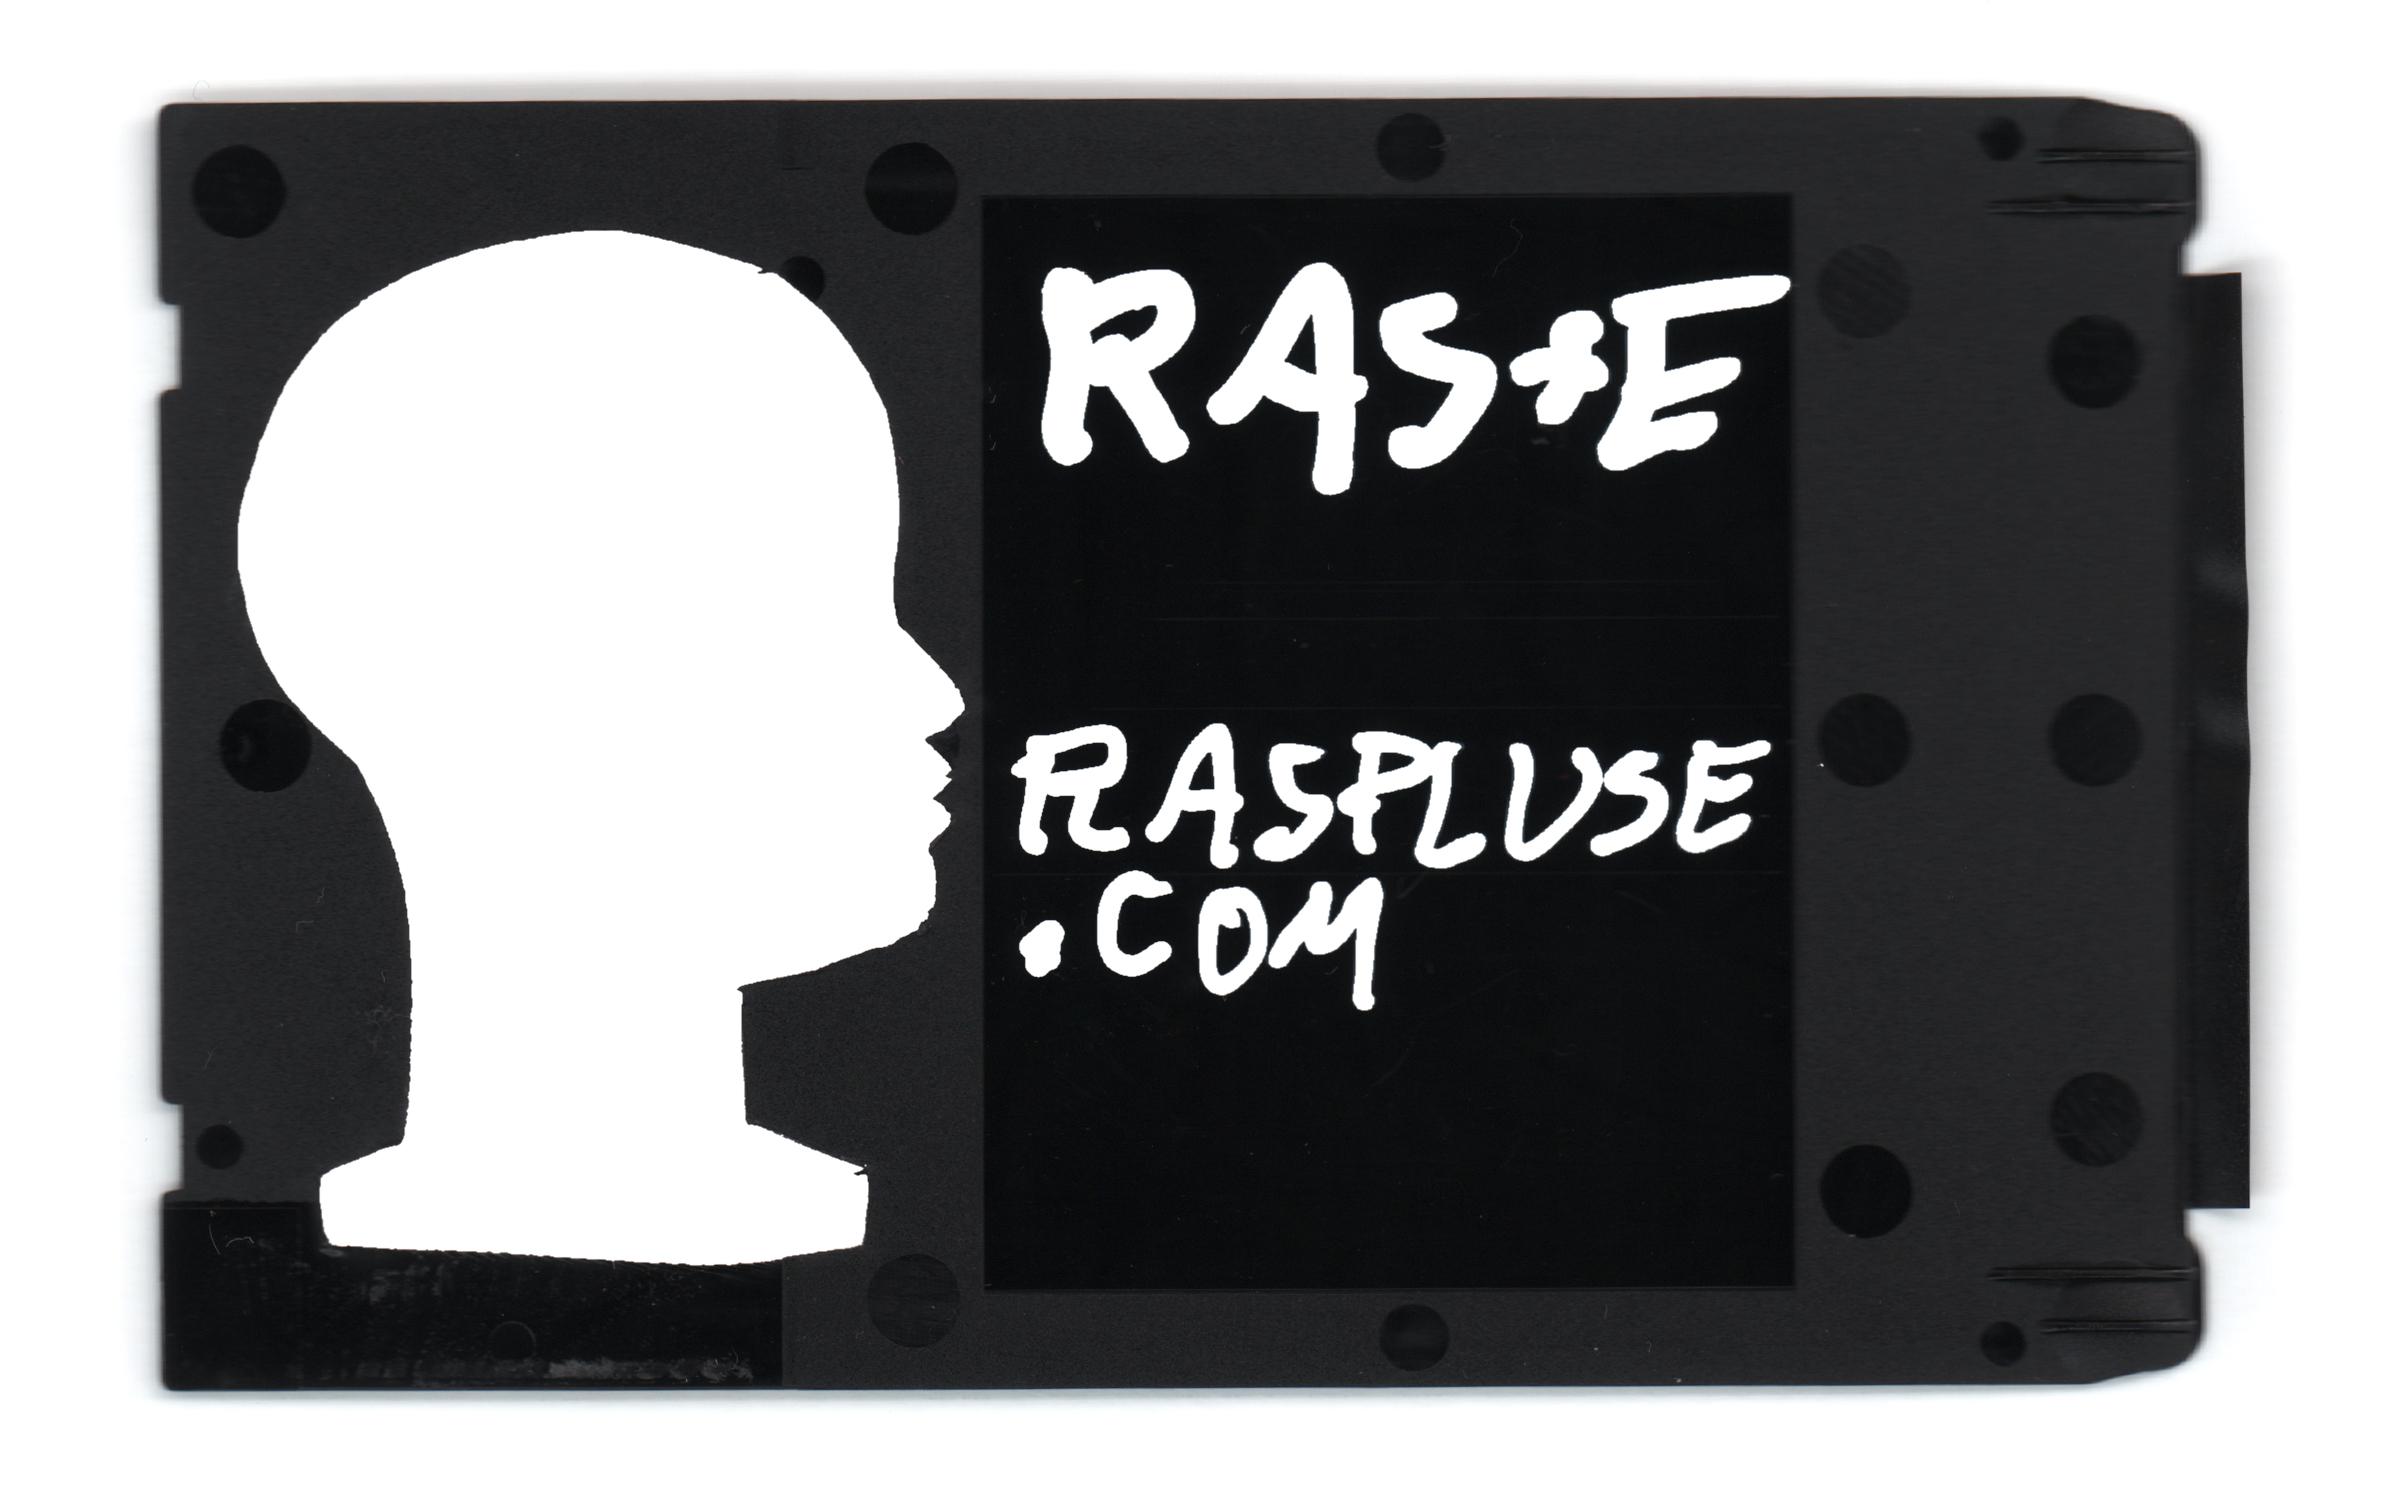 ras+e_calling_card_3_1_fixed